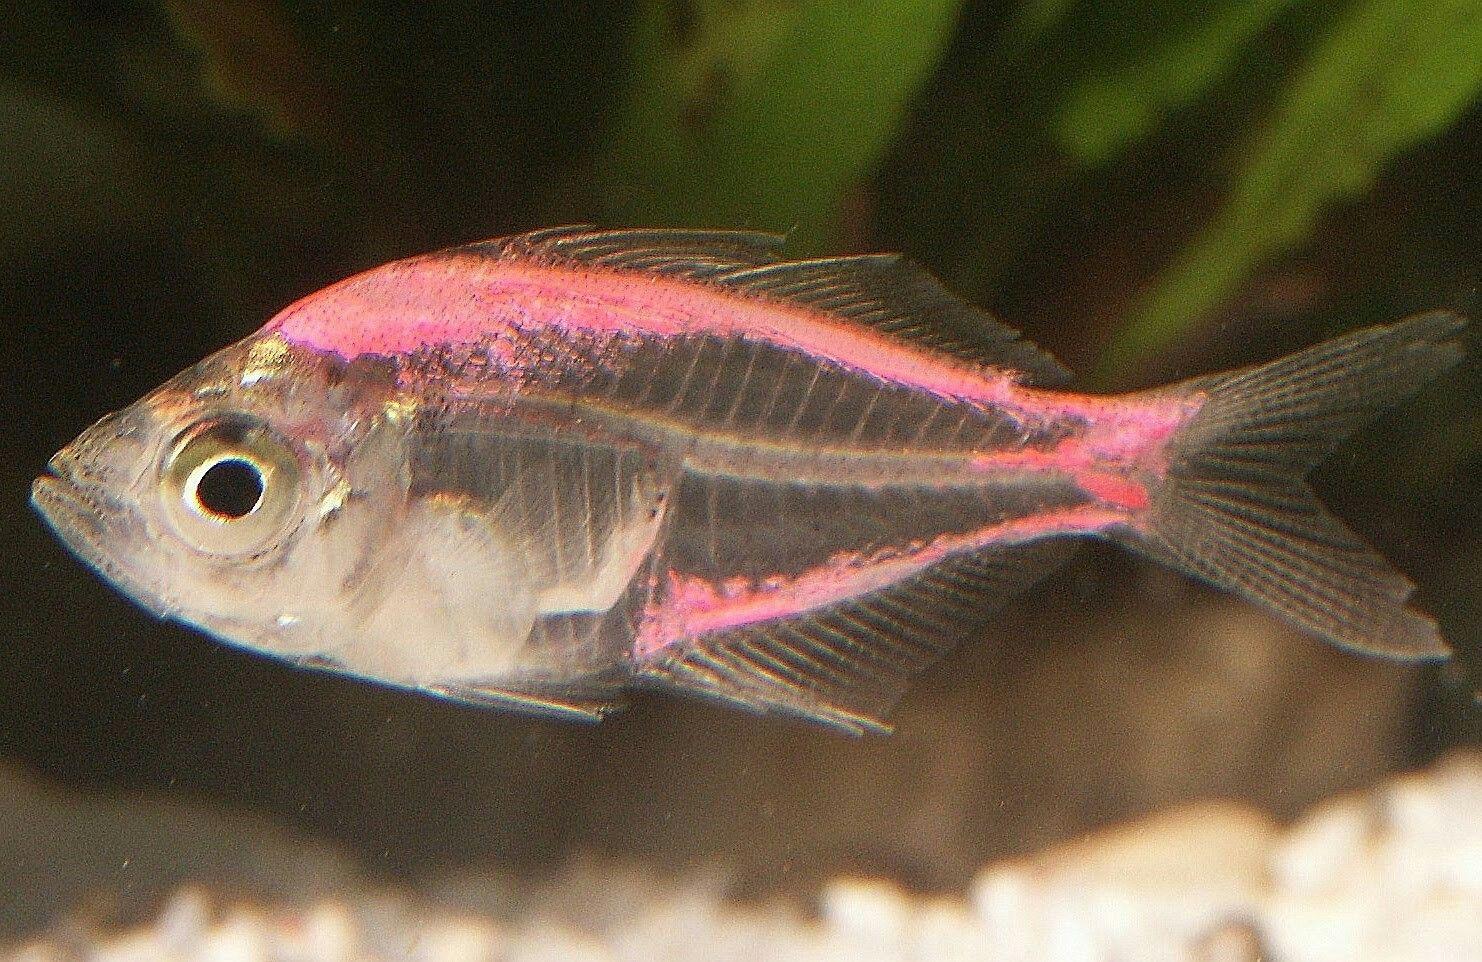 X Ray Tetra Freshwater Aquarium Fish Pink Fish Fish